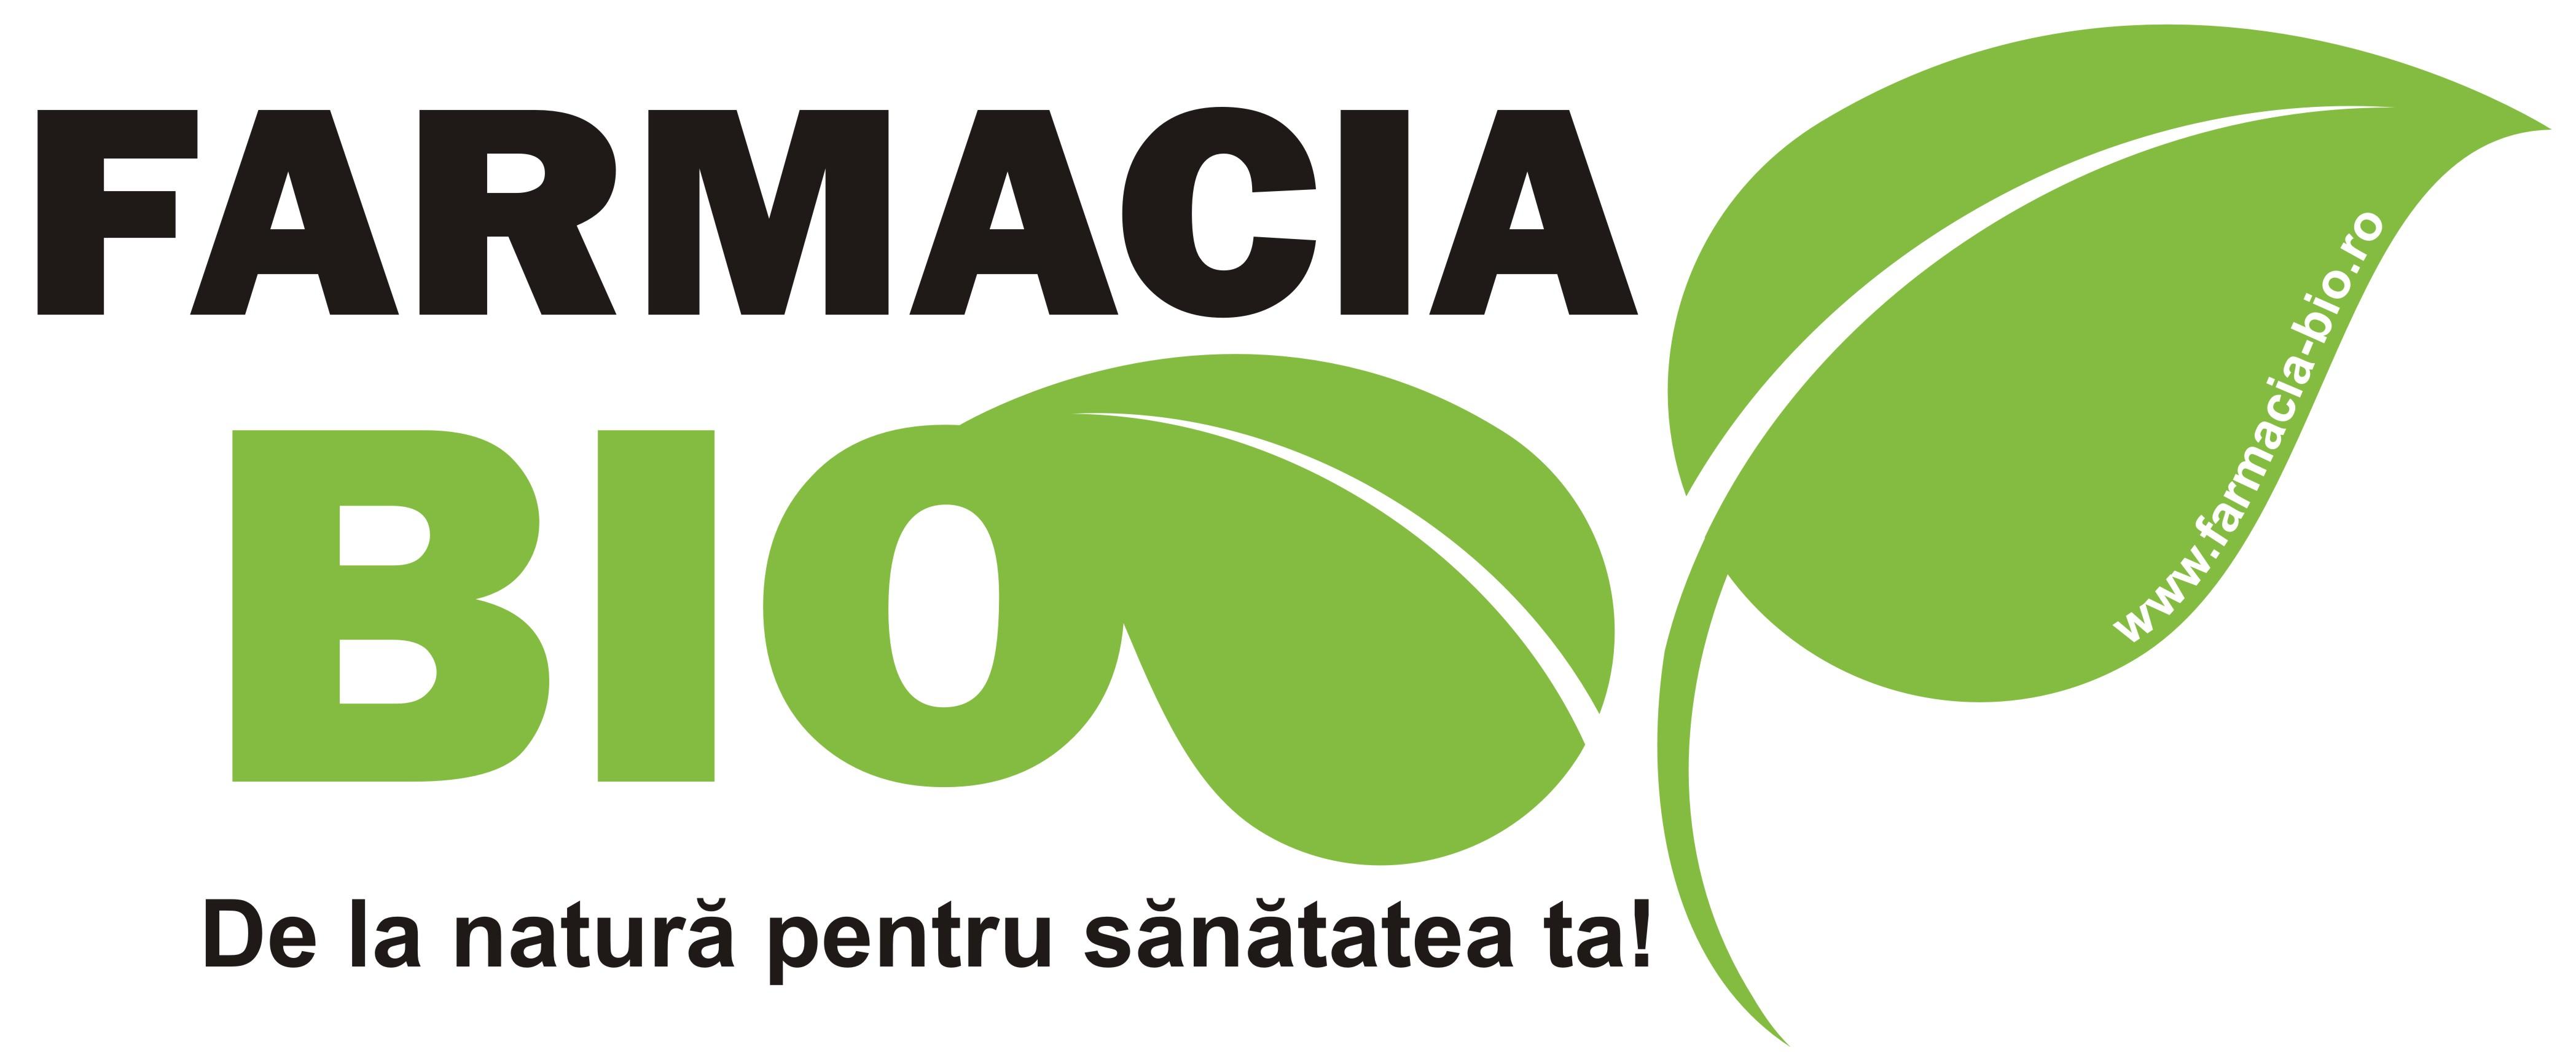 Farmacie Bio, Farmacie Naturista, Plafar Online